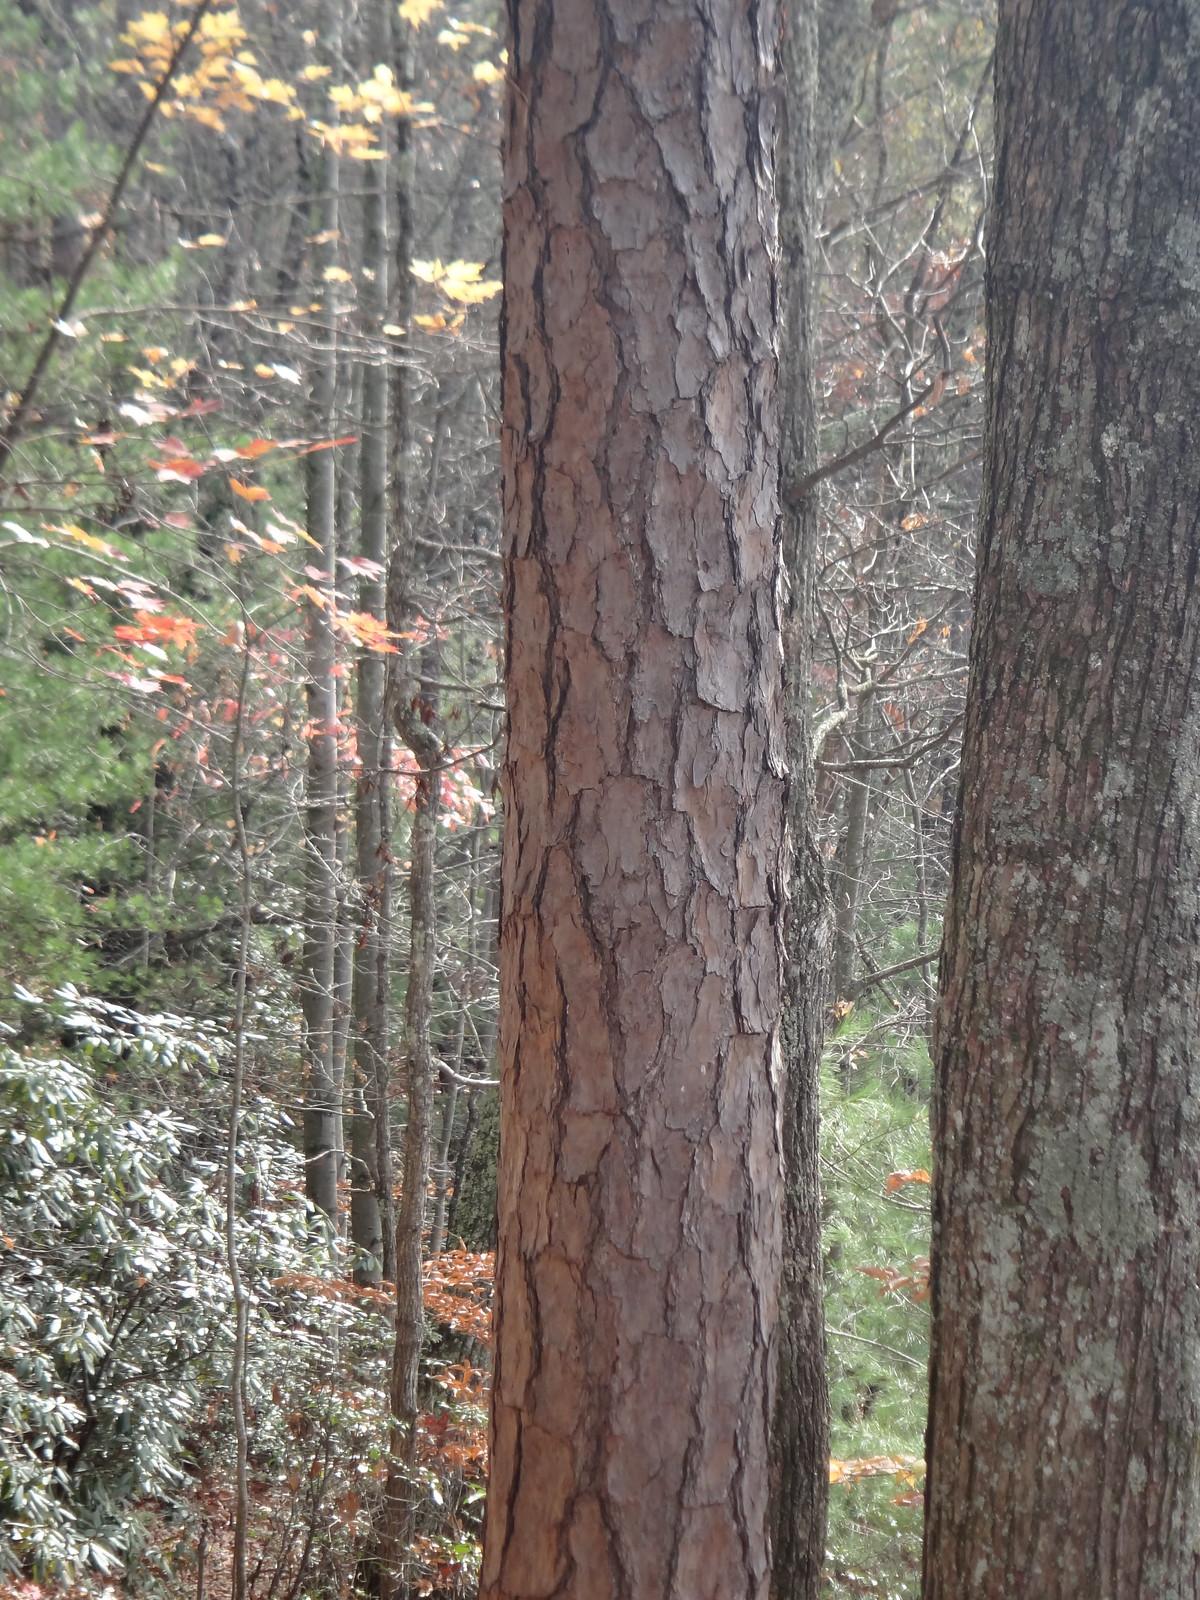 Shortleaf Pine Leaf Shortleaf Pine Bark Pinus